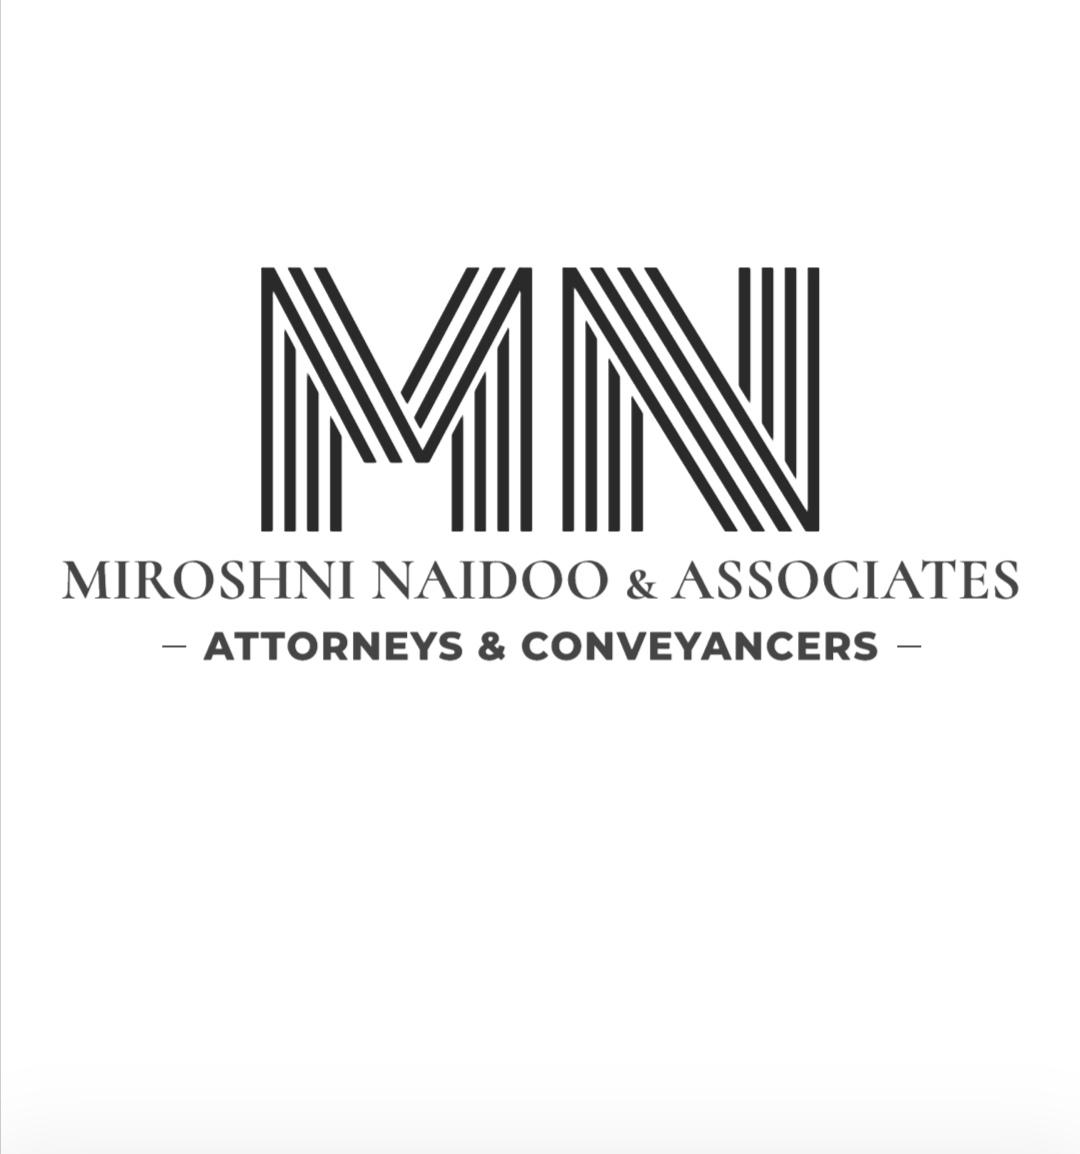 MIROSHNI NAIDOO & ASSOCIATES